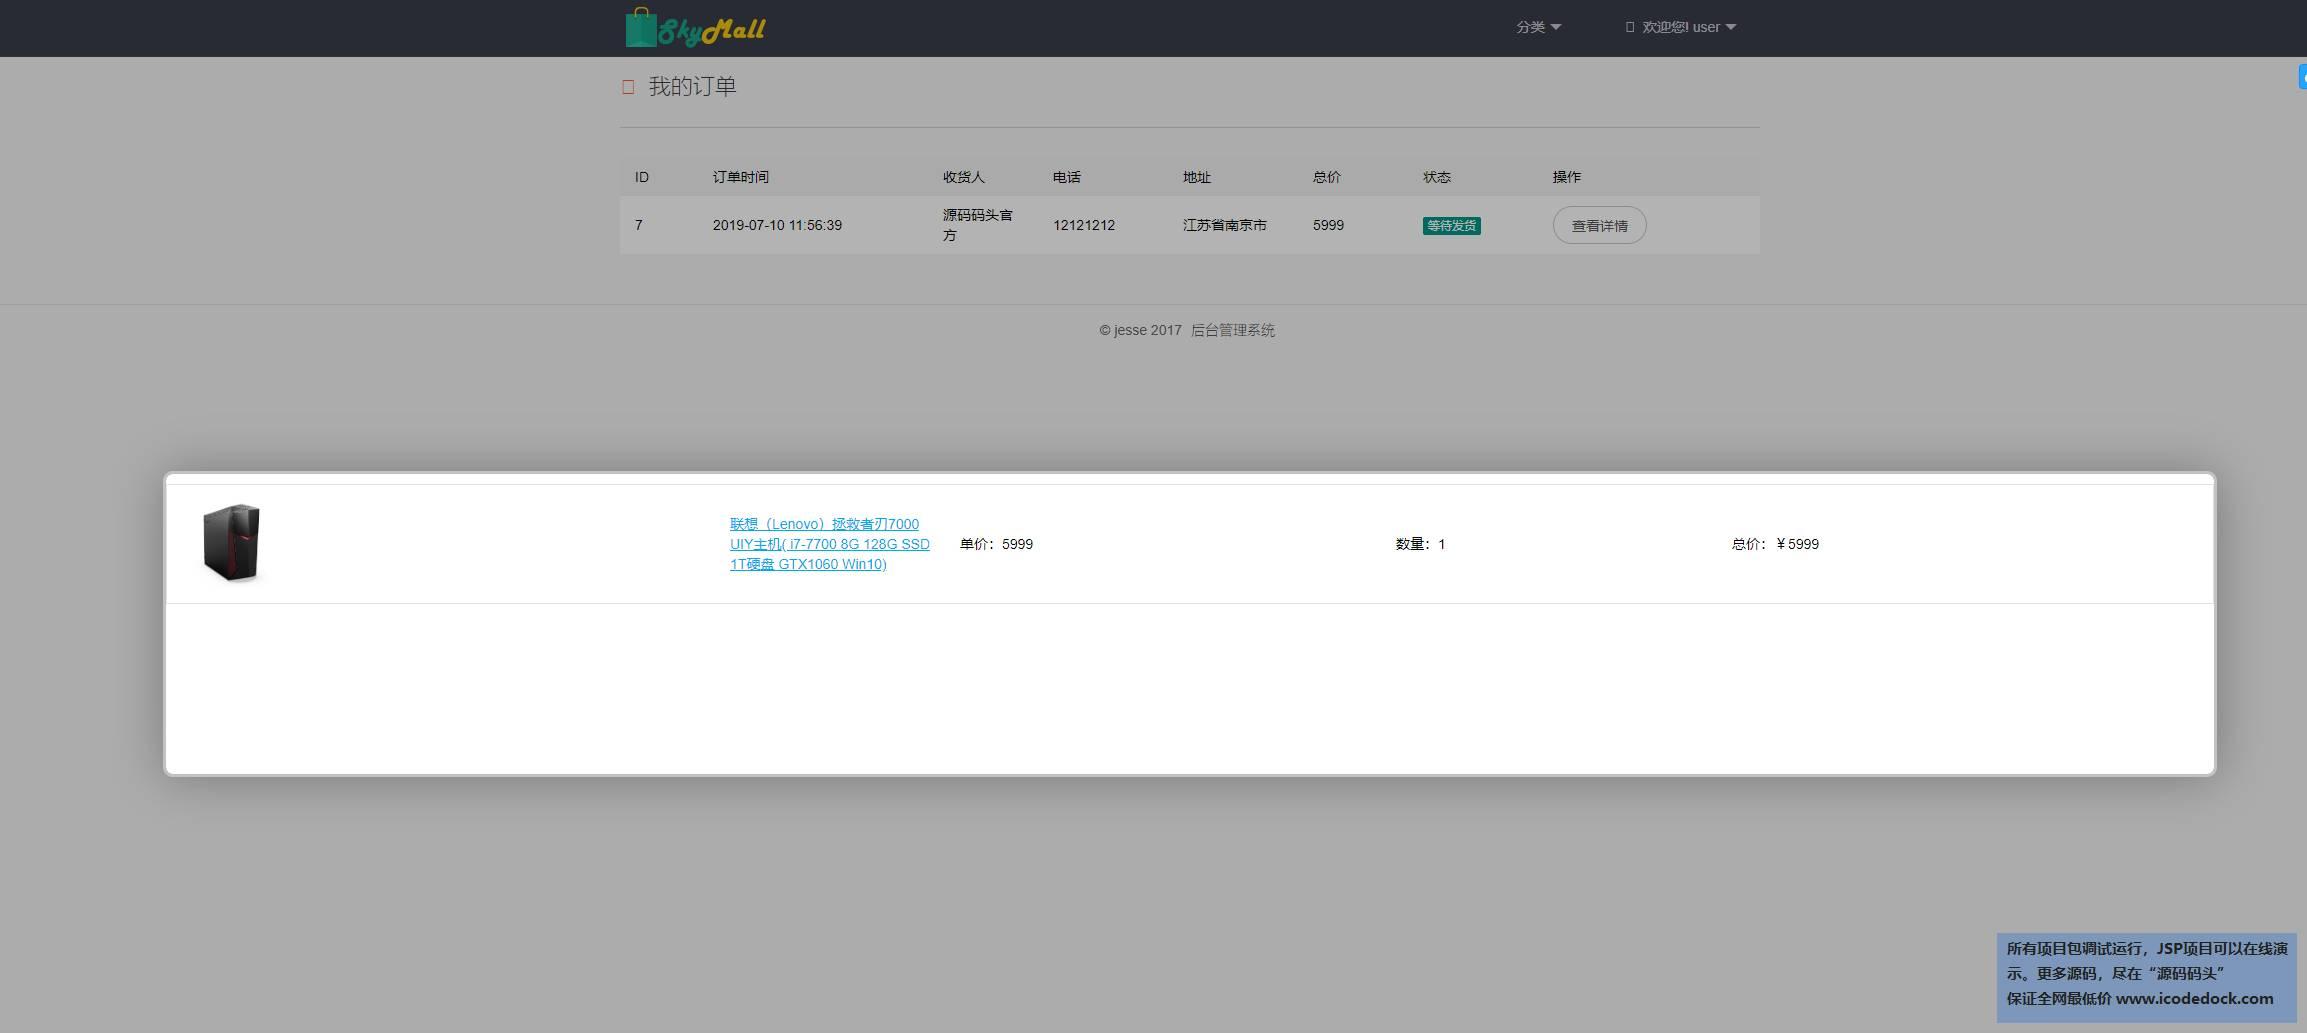 源码码头-SpringBoot在线电子商城管理系统-用户角色-查看订单